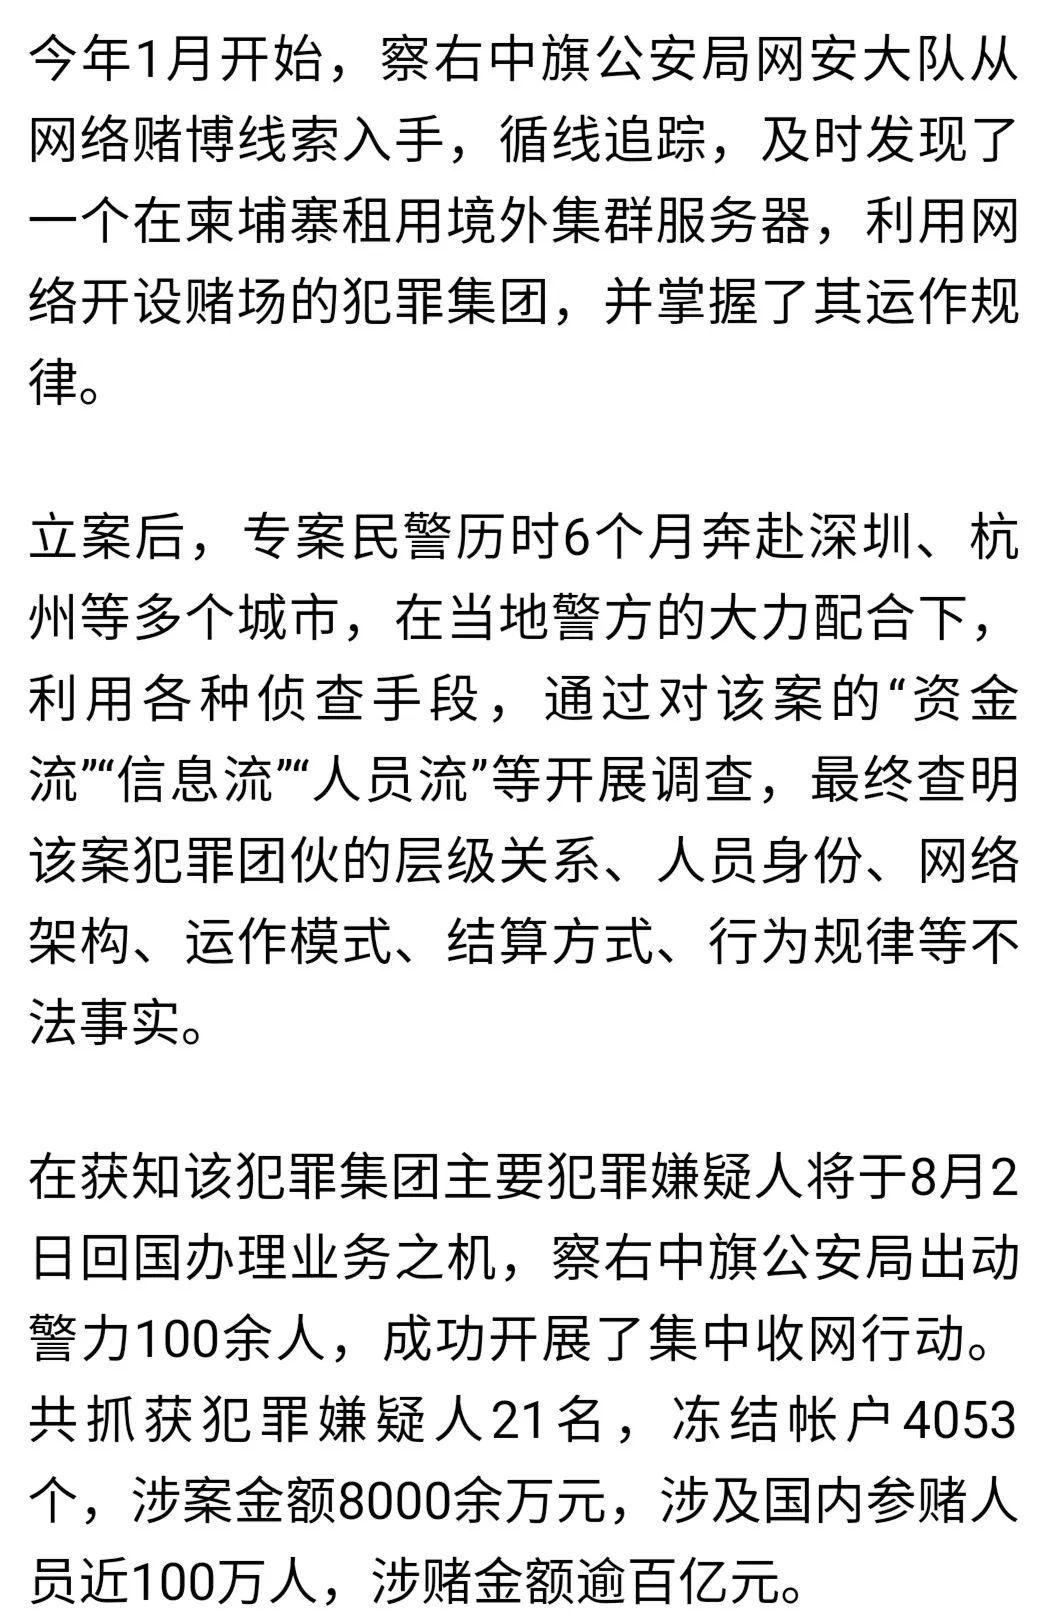 21人被抓!内蒙古警方破获一起网络赌博大案,涉案百亿元…